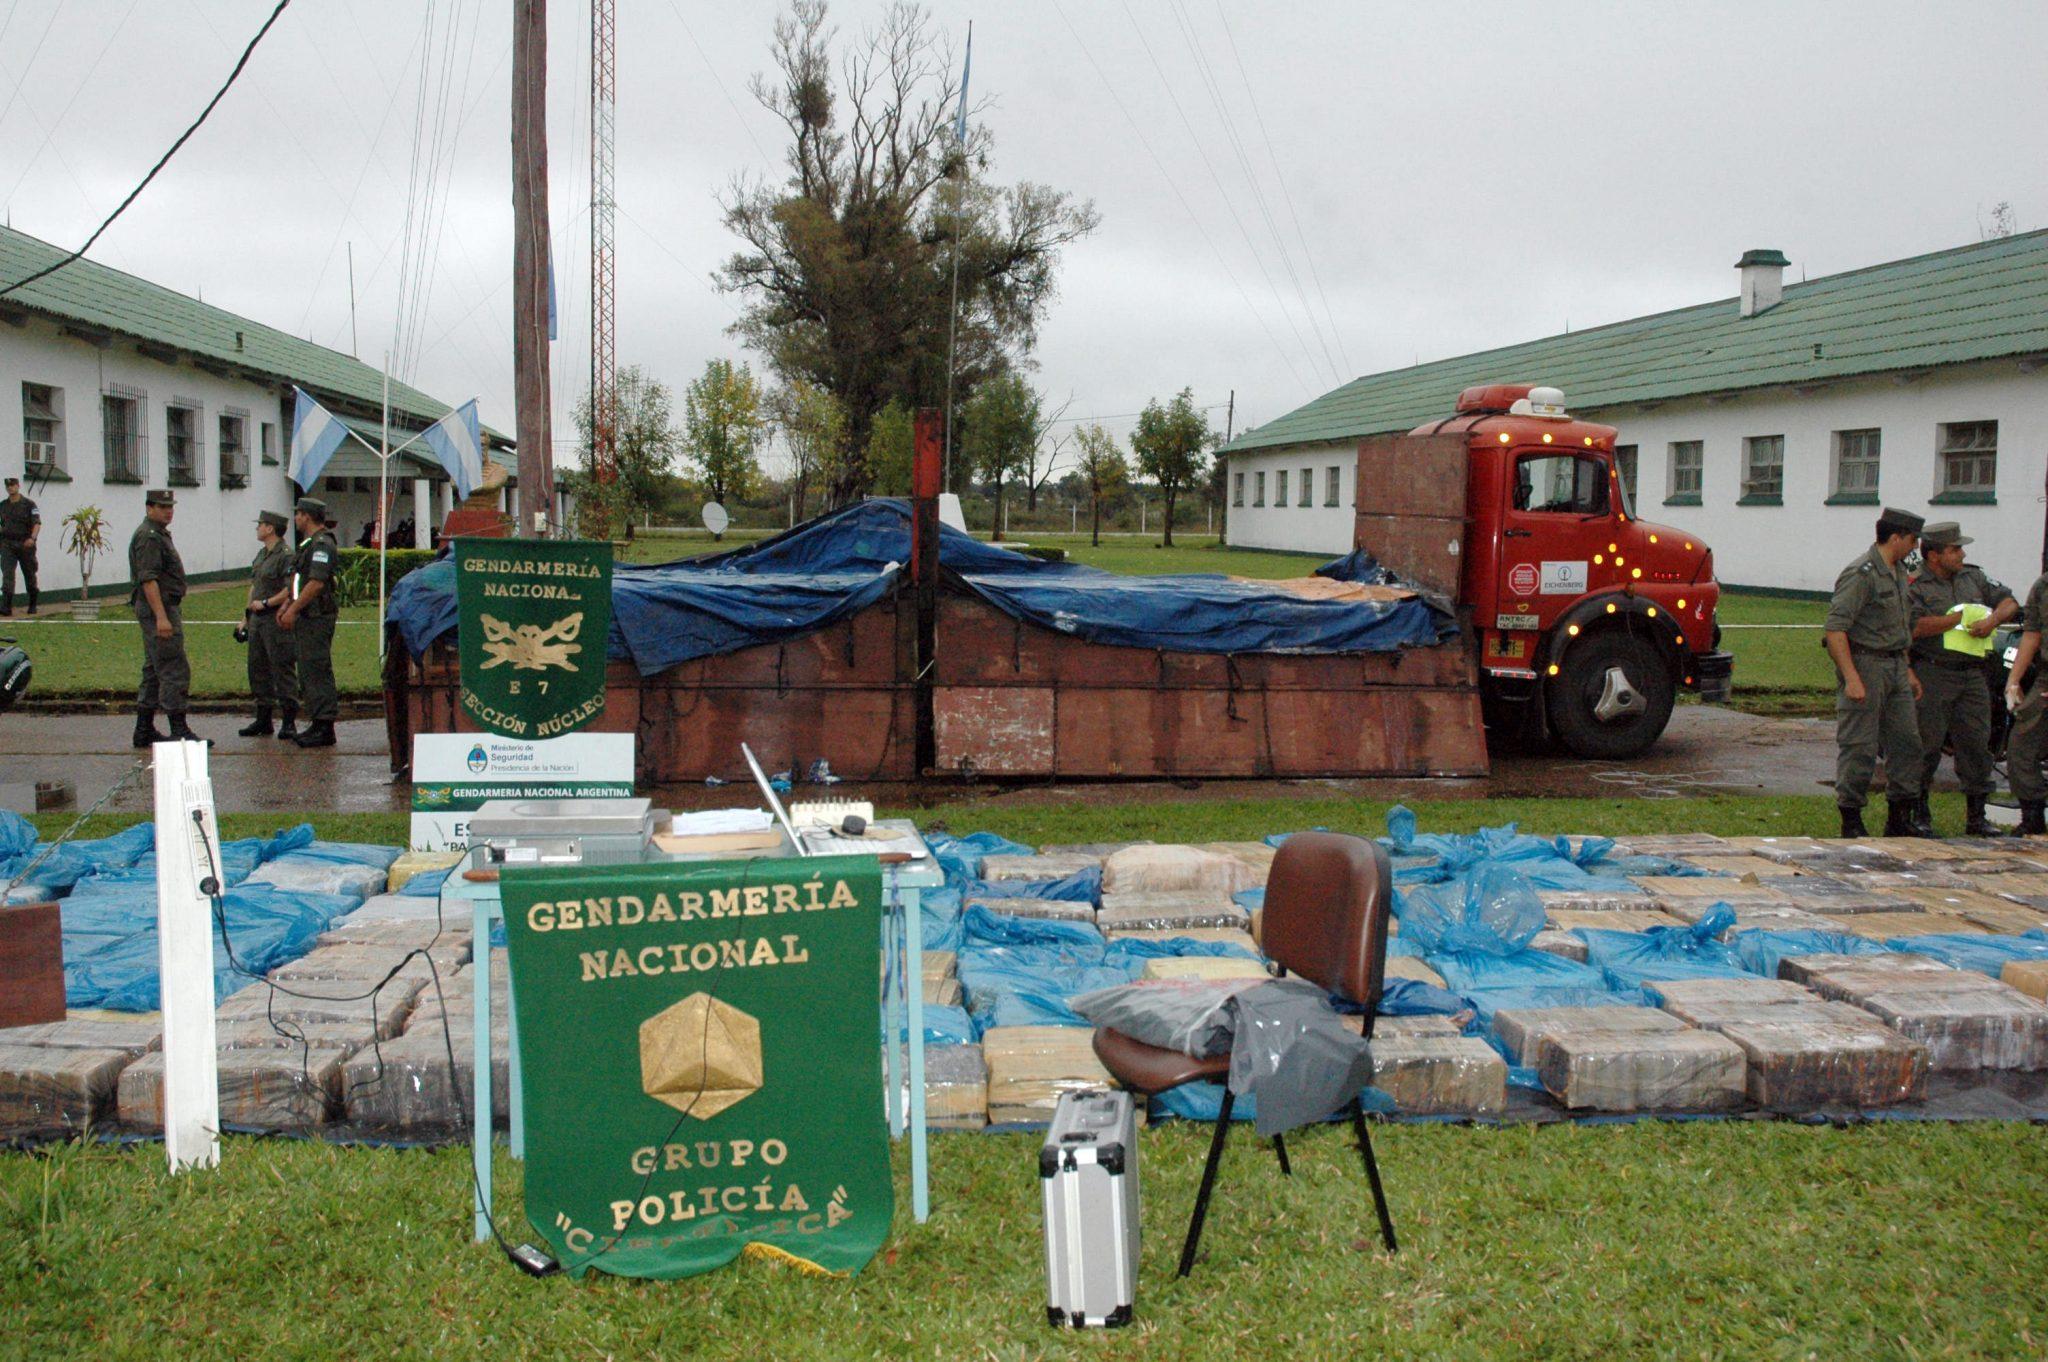 Secuestran 6 toneladas de marihuana en Corrientes